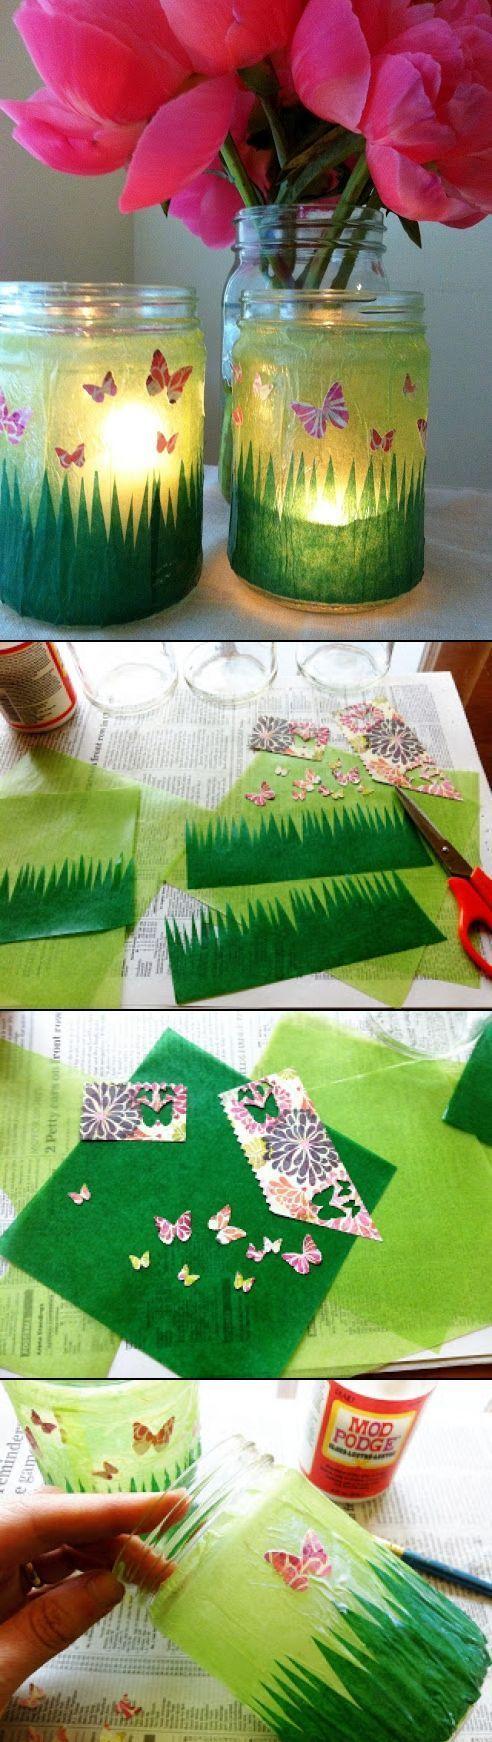 Kunst aus marmeladengl sern windlicht mit fr hlingswiese - Schulfest ideen ...